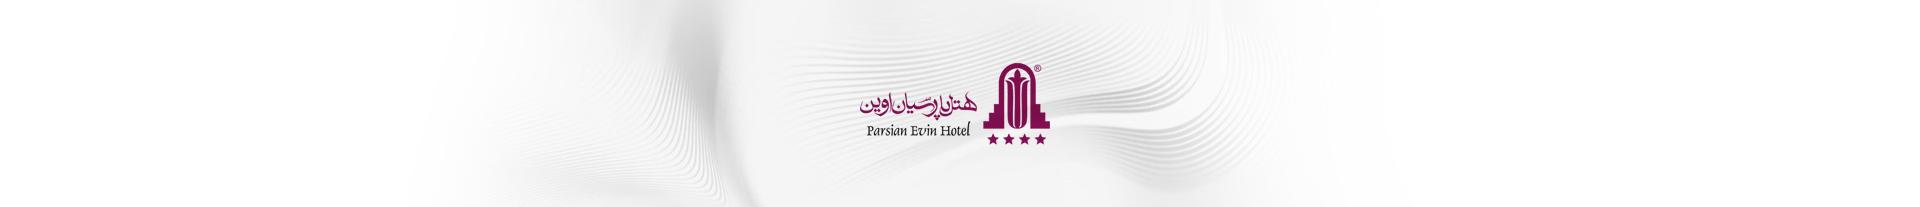 کد تخفیف هتل پارسیان اوین